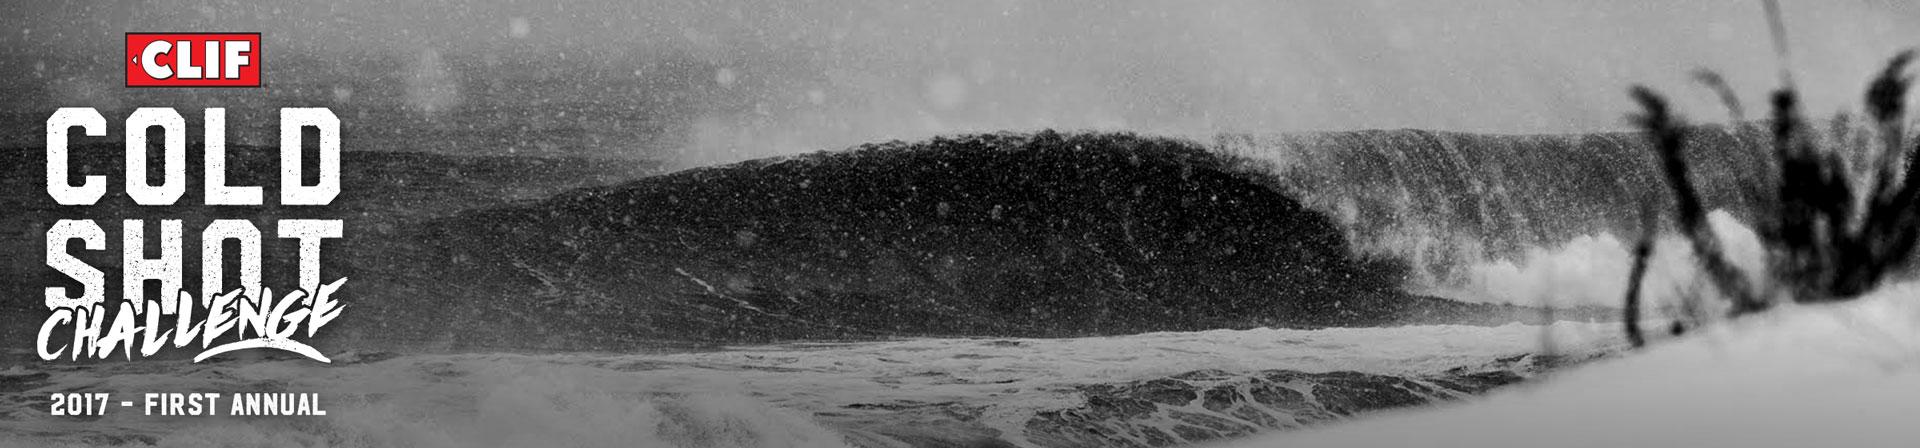 ColdShot-Banner-8